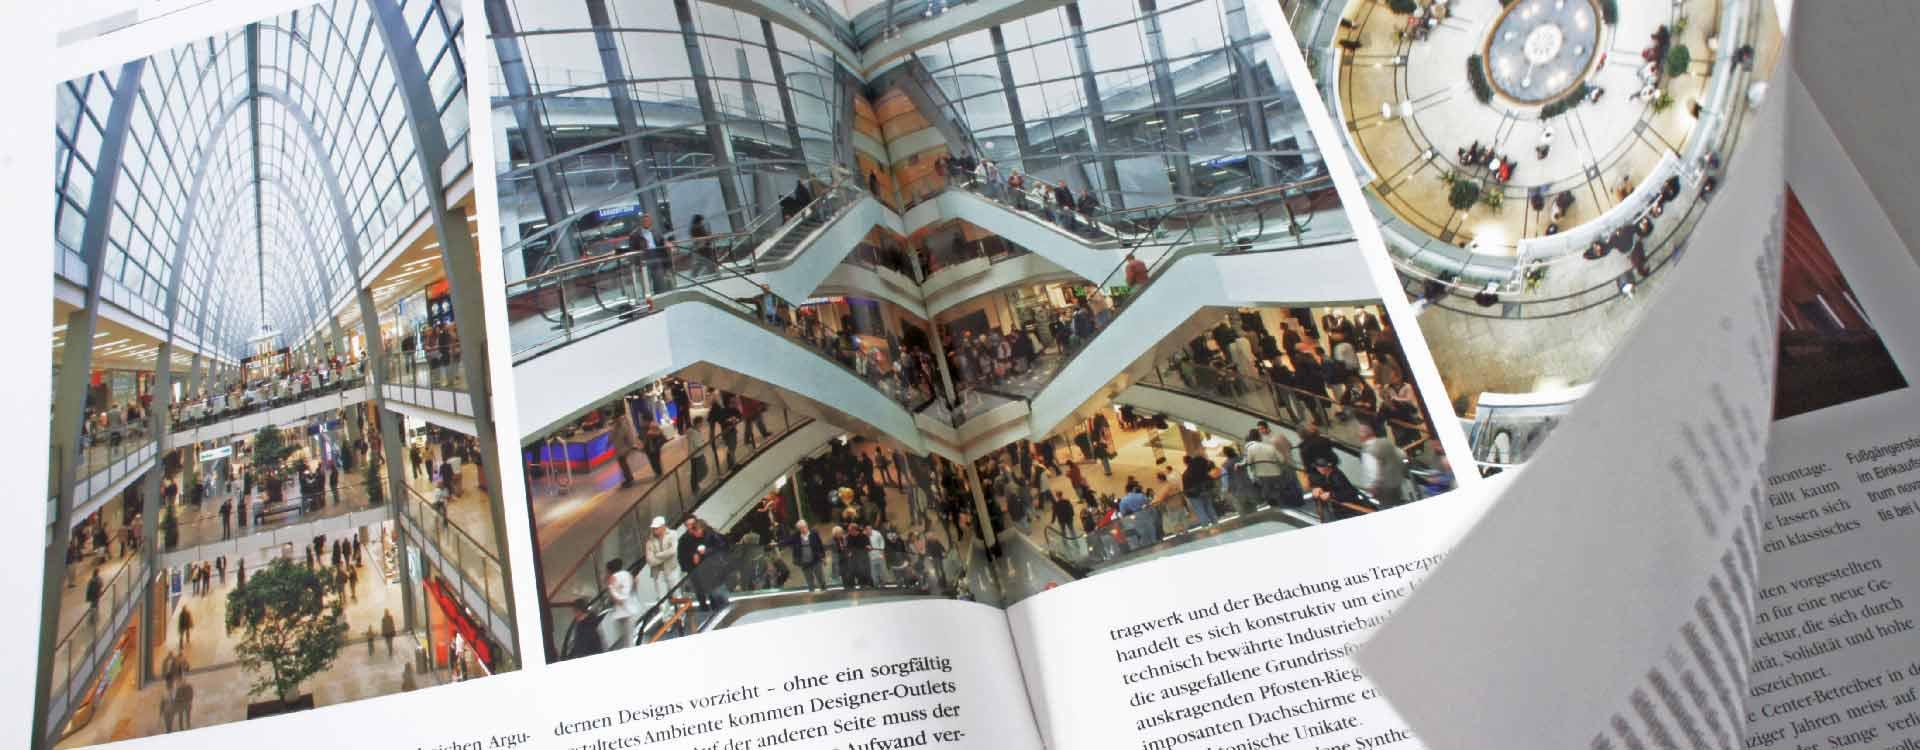 Brochure Einkaufserlebnis in Stahl – Designer Outlets Stahl-Informations-Zentrum; Design: Kattrin Richter | Graphic Design Studio